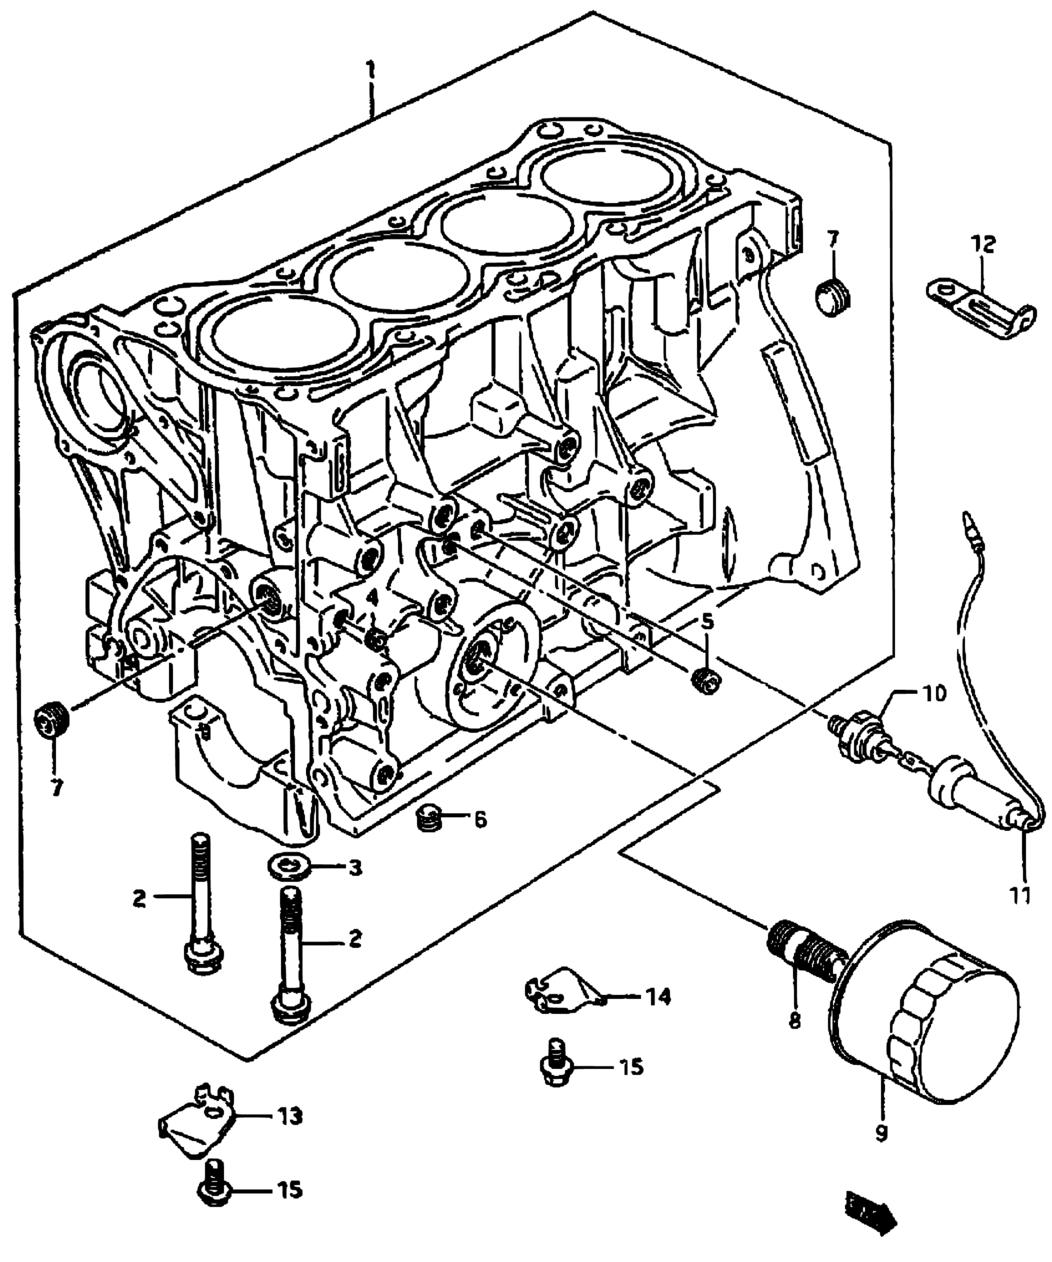 Europe Swift Sf413 Magyar E02e15e18e19e22e30 Engine 7 E30 Diagram Parts